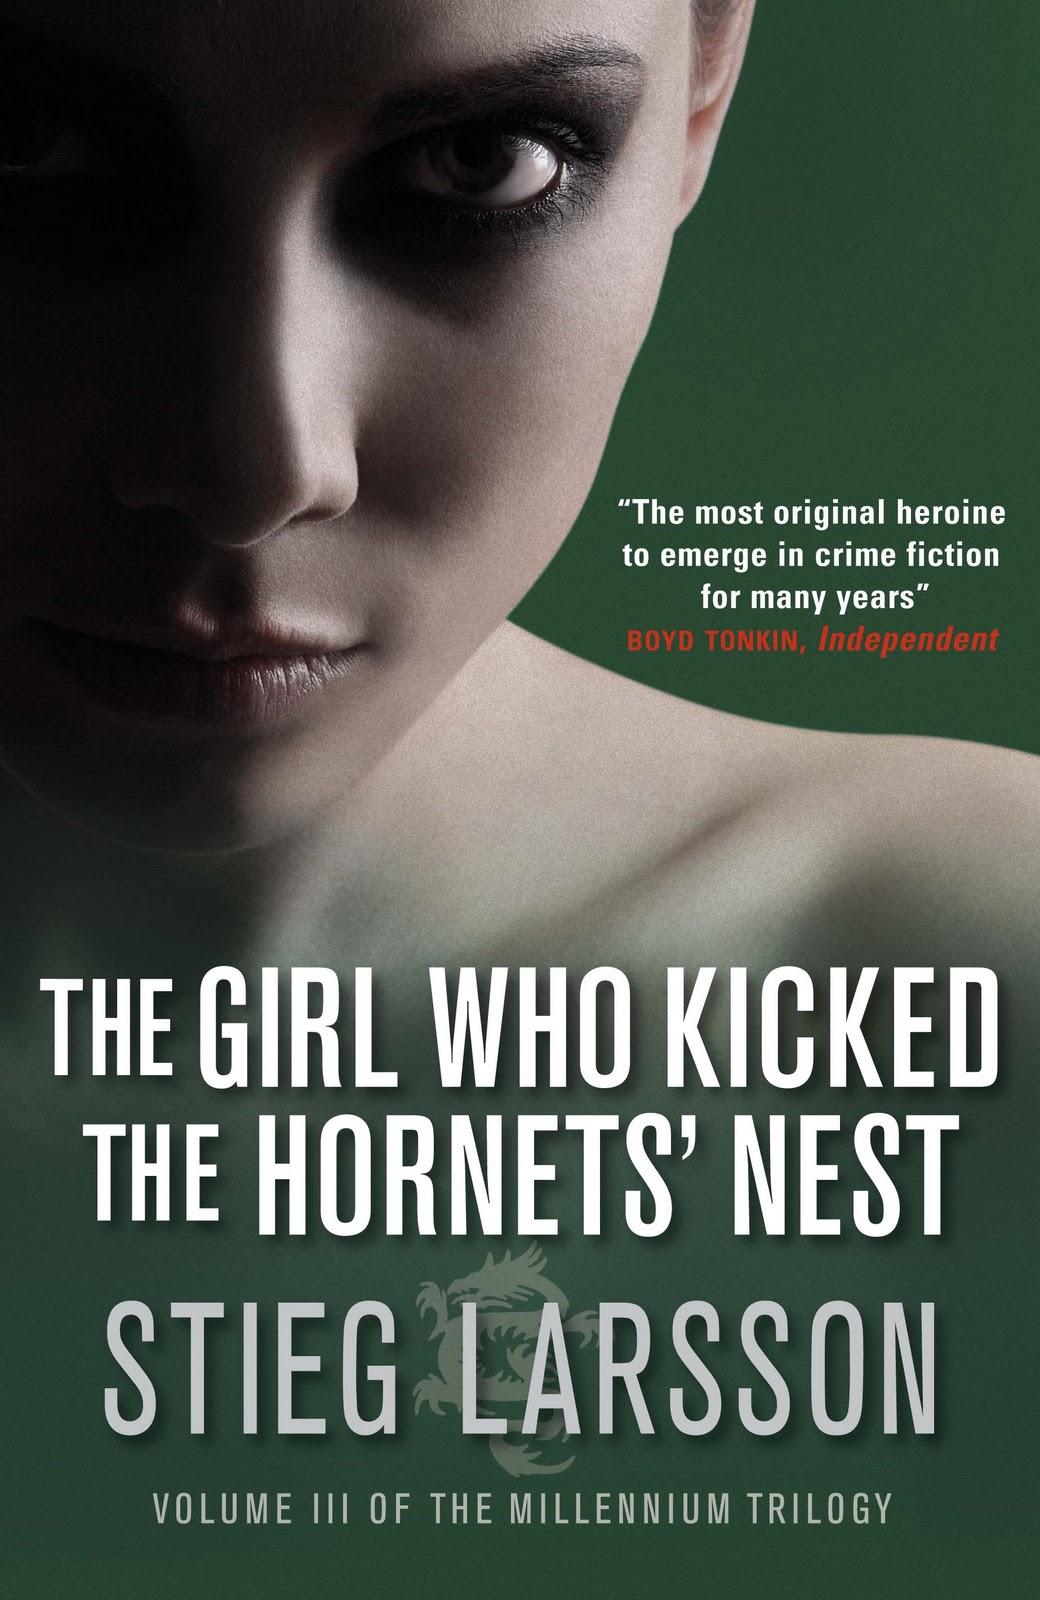 http://3.bp.blogspot.com/_oYWWBxuA2MU/TNmpK77alwI/AAAAAAAAjwA/HSFwFmOPVnQ/s1600/The+Girl+who+kicked+the+HORNETS+Nest.JPG